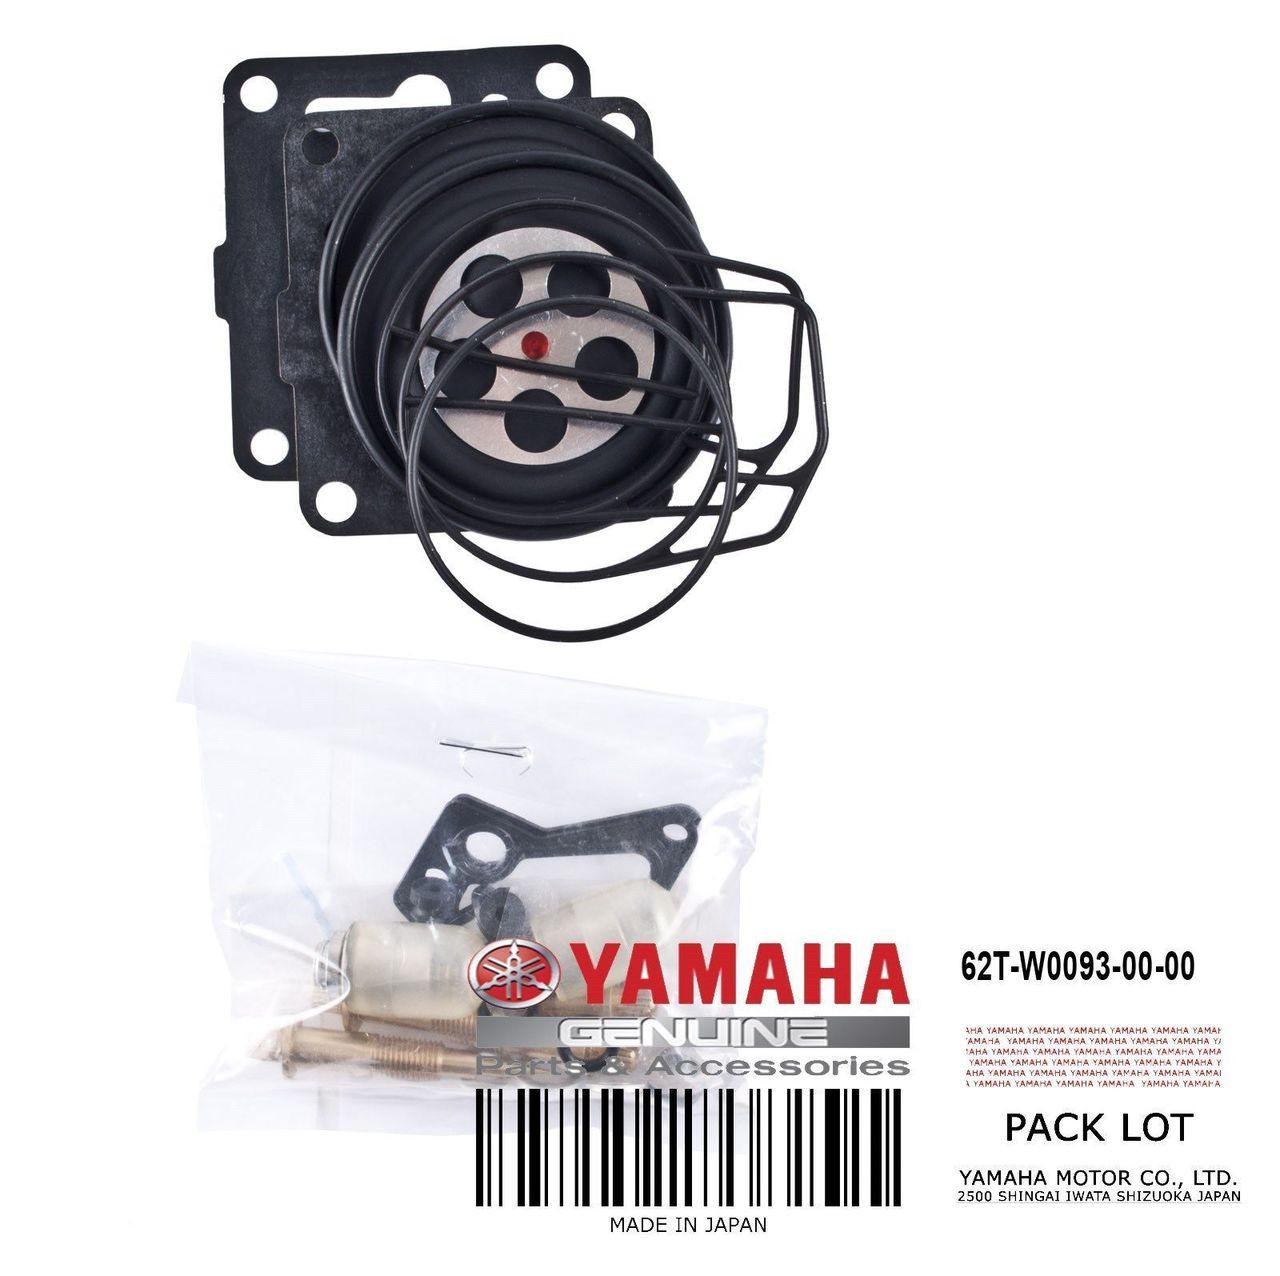 YAMAHA OEM Carburetor Repair Kit 62T-W0093-00-00 1994-1999 Wave Raider  Venture +